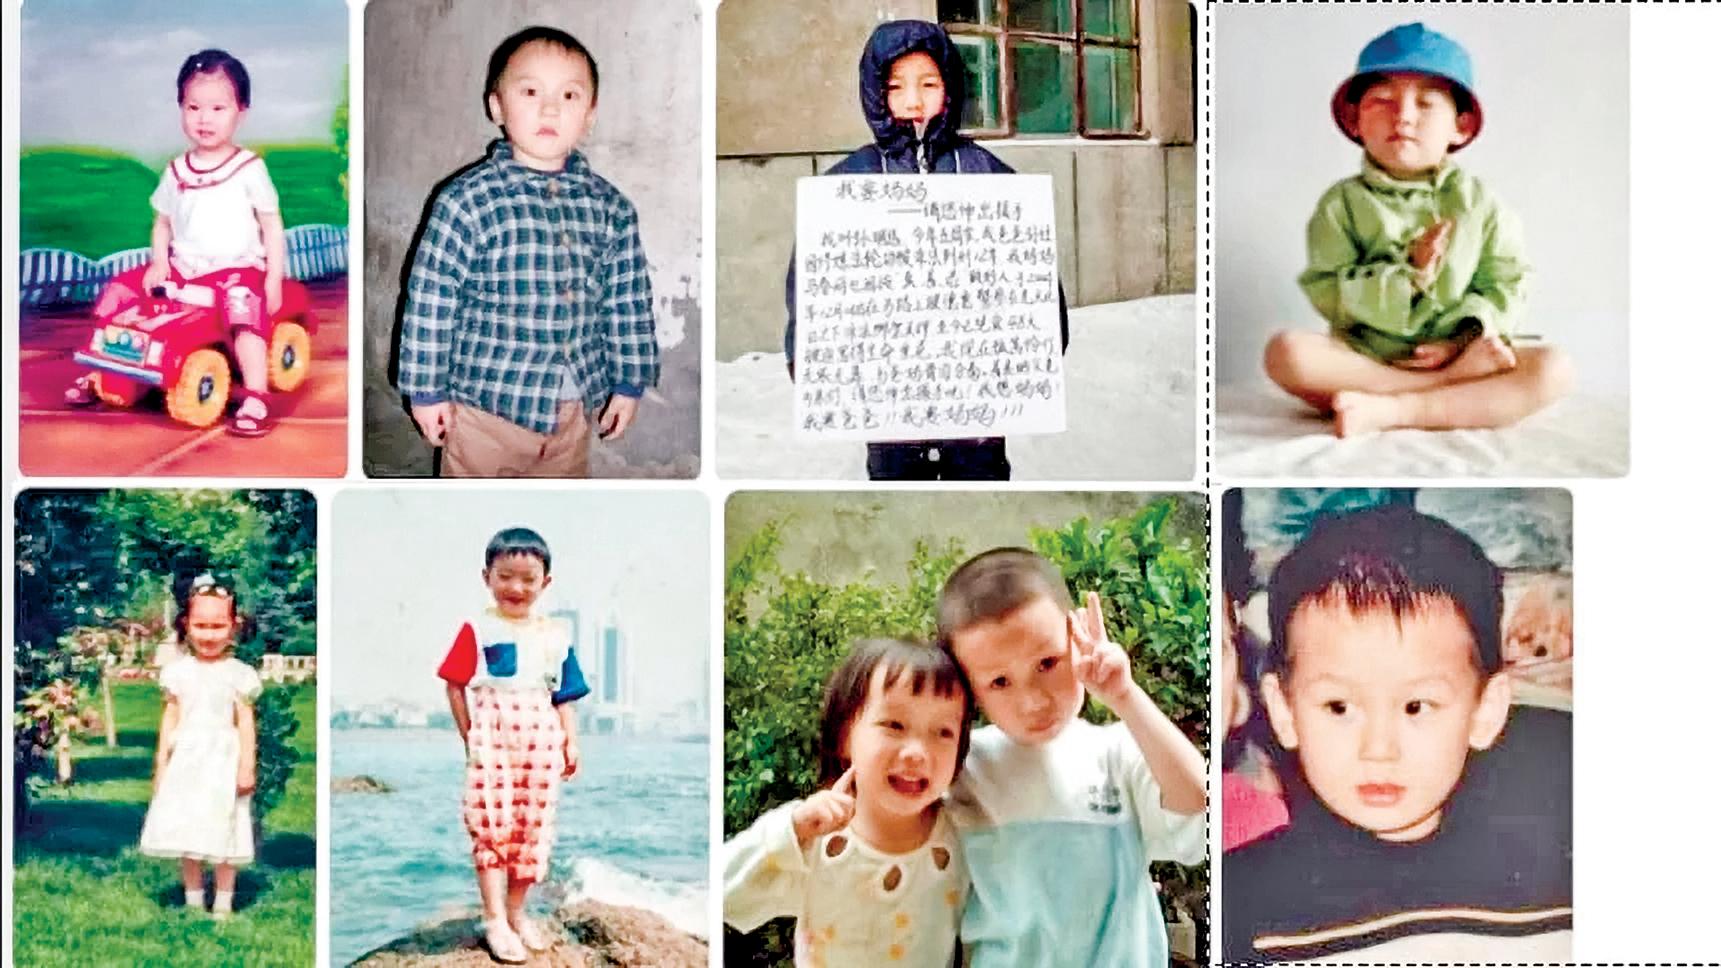 在中國,所有的宗教信仰團體都遭到迫害,而兒童卻遭受了十倍的苦難。圖為中國大陸遭受中共信仰迫害的部份法輪功學員的孩子們。(網絡圖片)